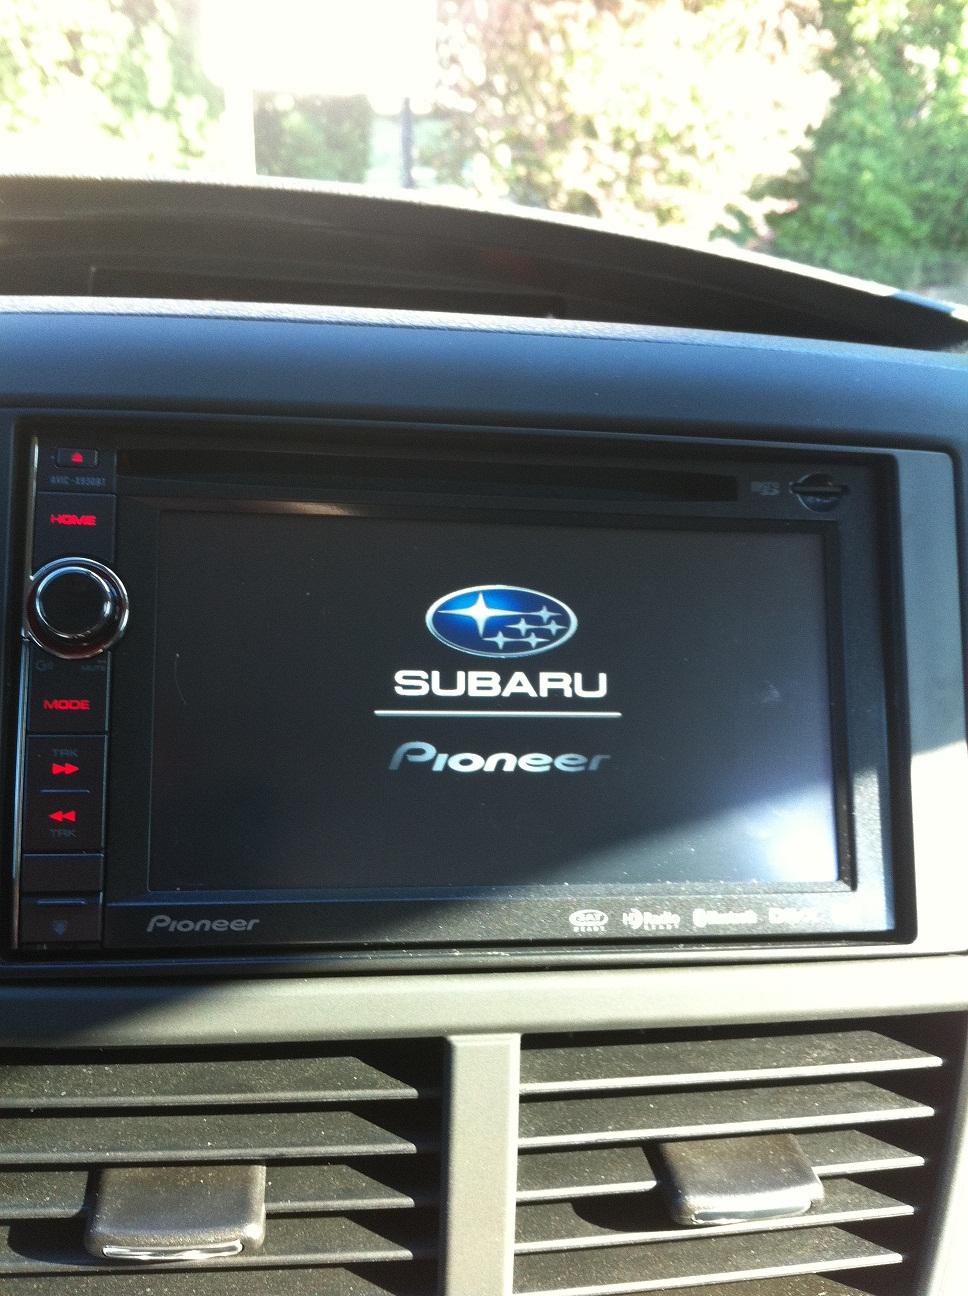 pioneer splash screen